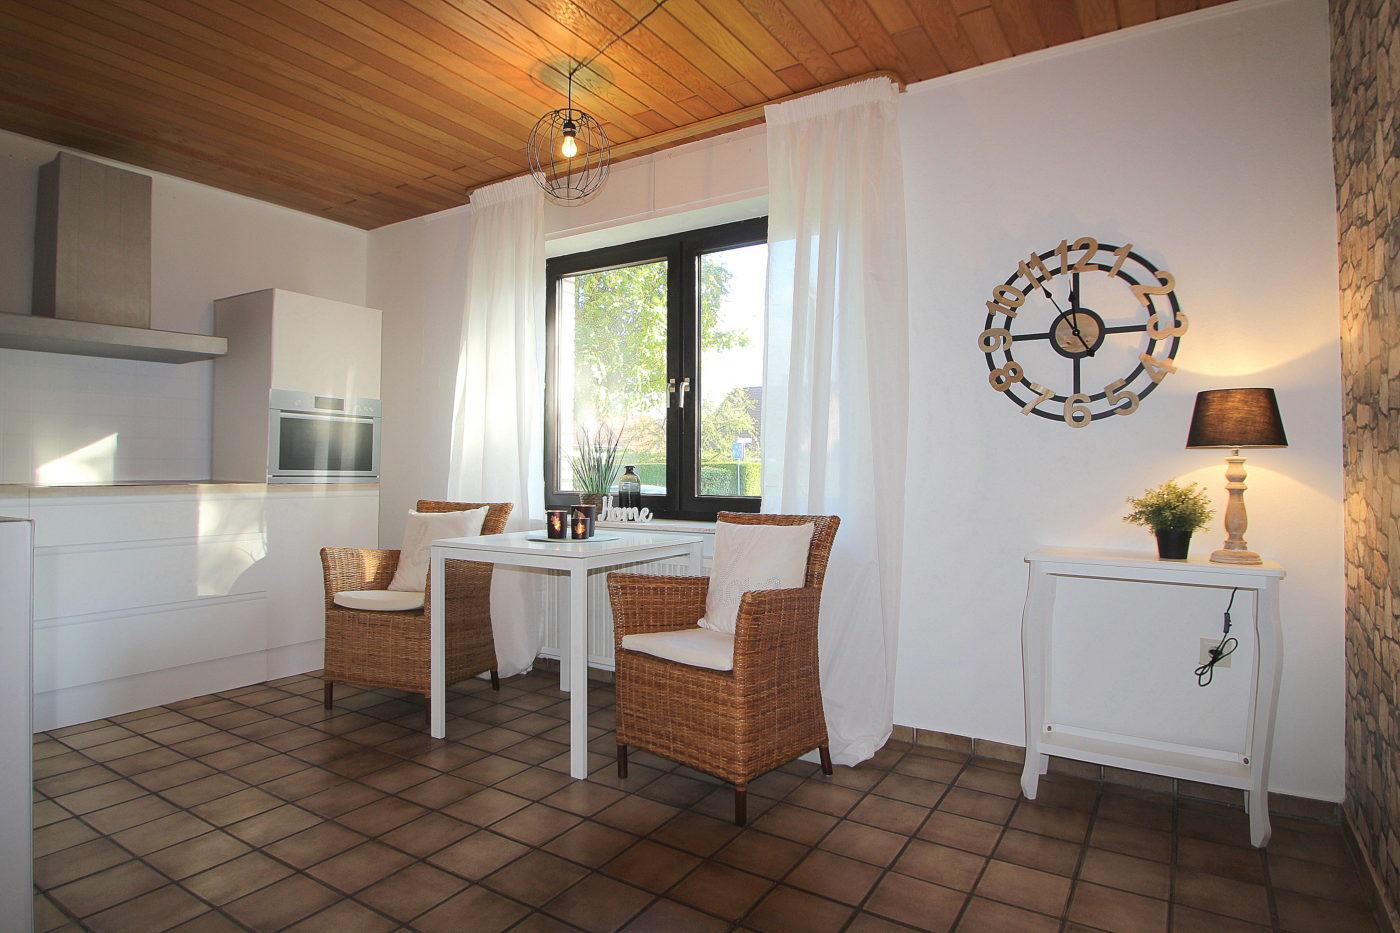 Küche und Frühstückstisch nach dem Homestaging durch Nicole Biernath von Blickfang Homestaging in Soest